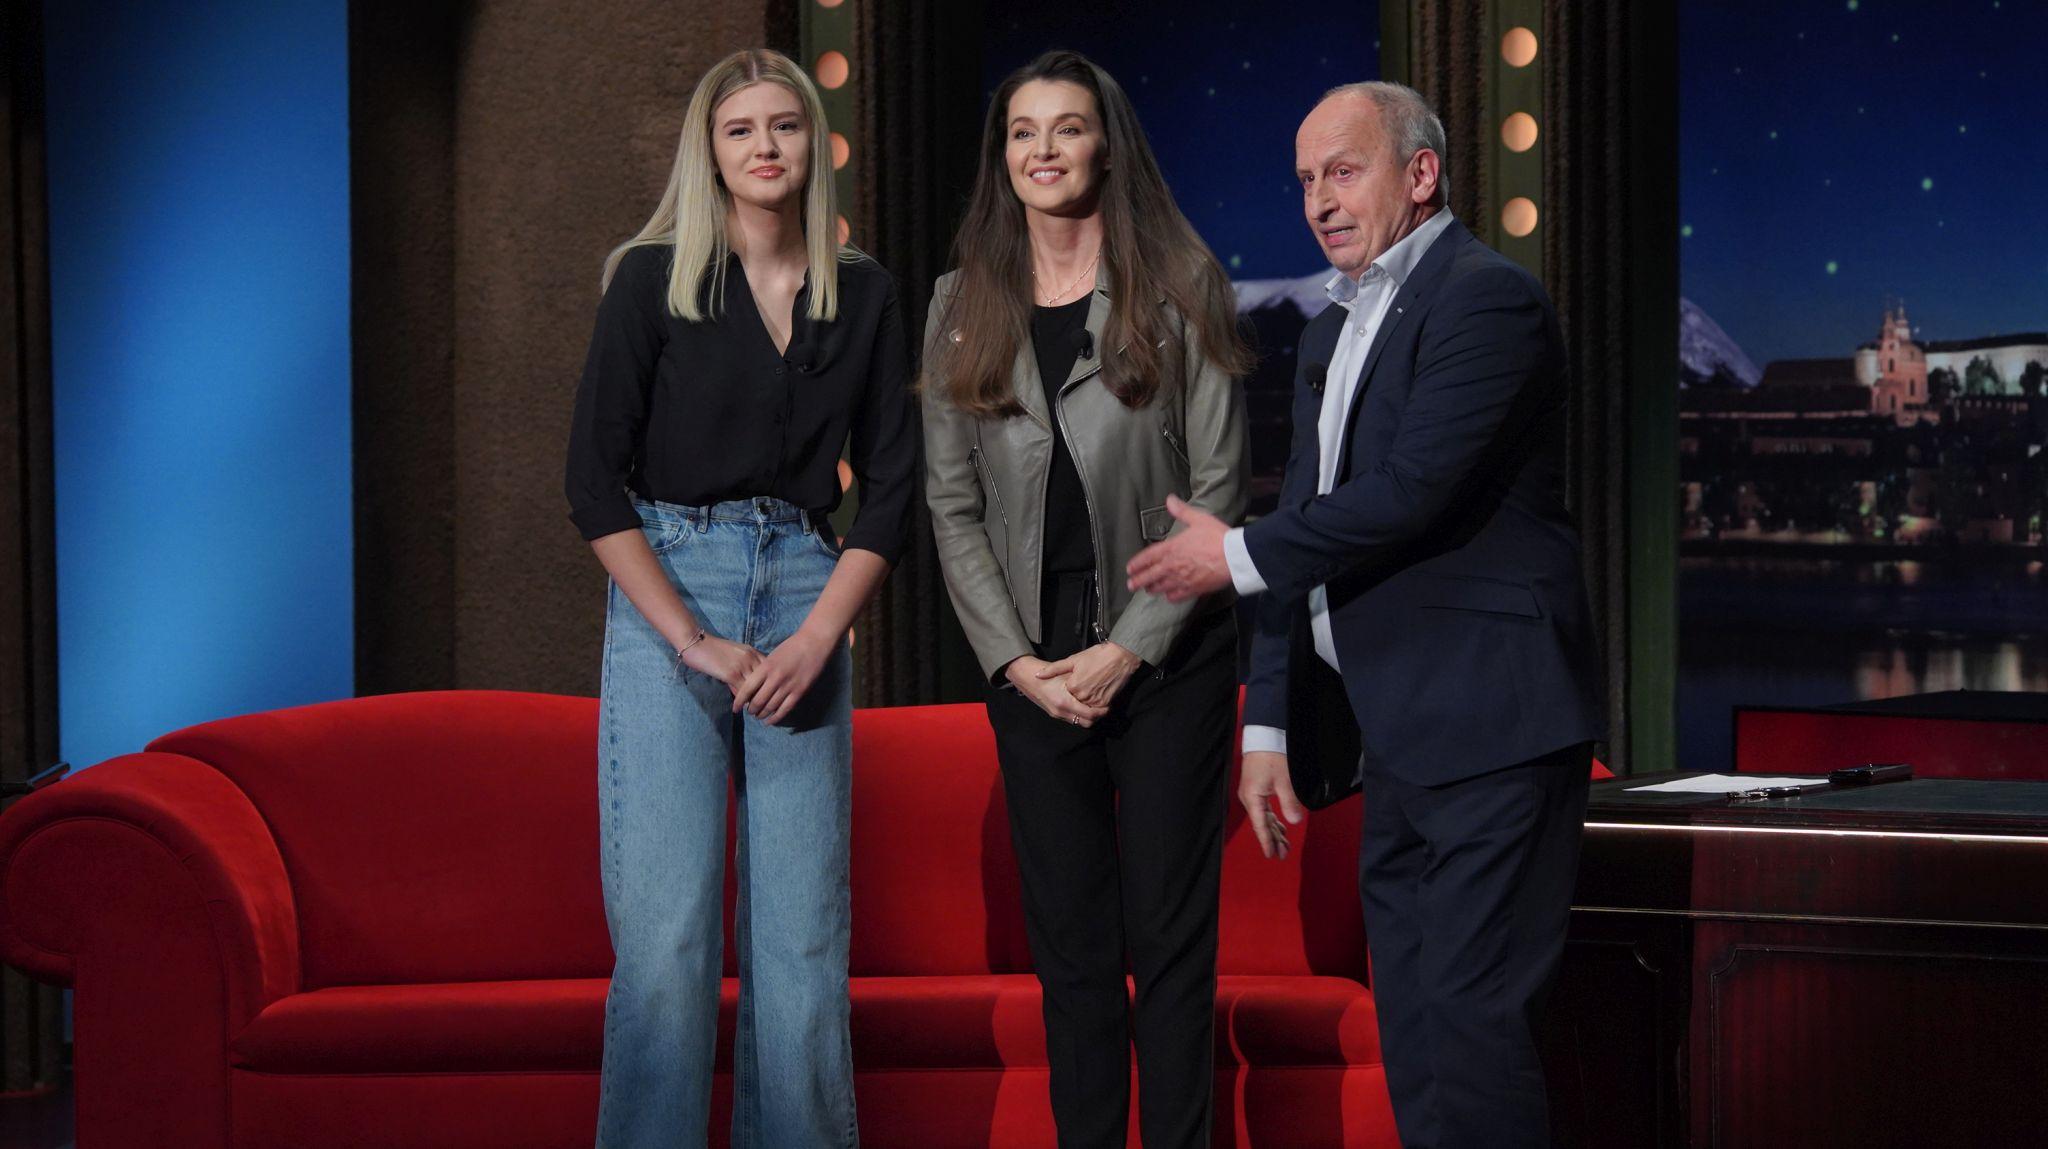 Iva Kubelková a Natálie Jirásková, moderátorka, zpěvačka a modelka s dcerou, v SJK 12. 5. 2021